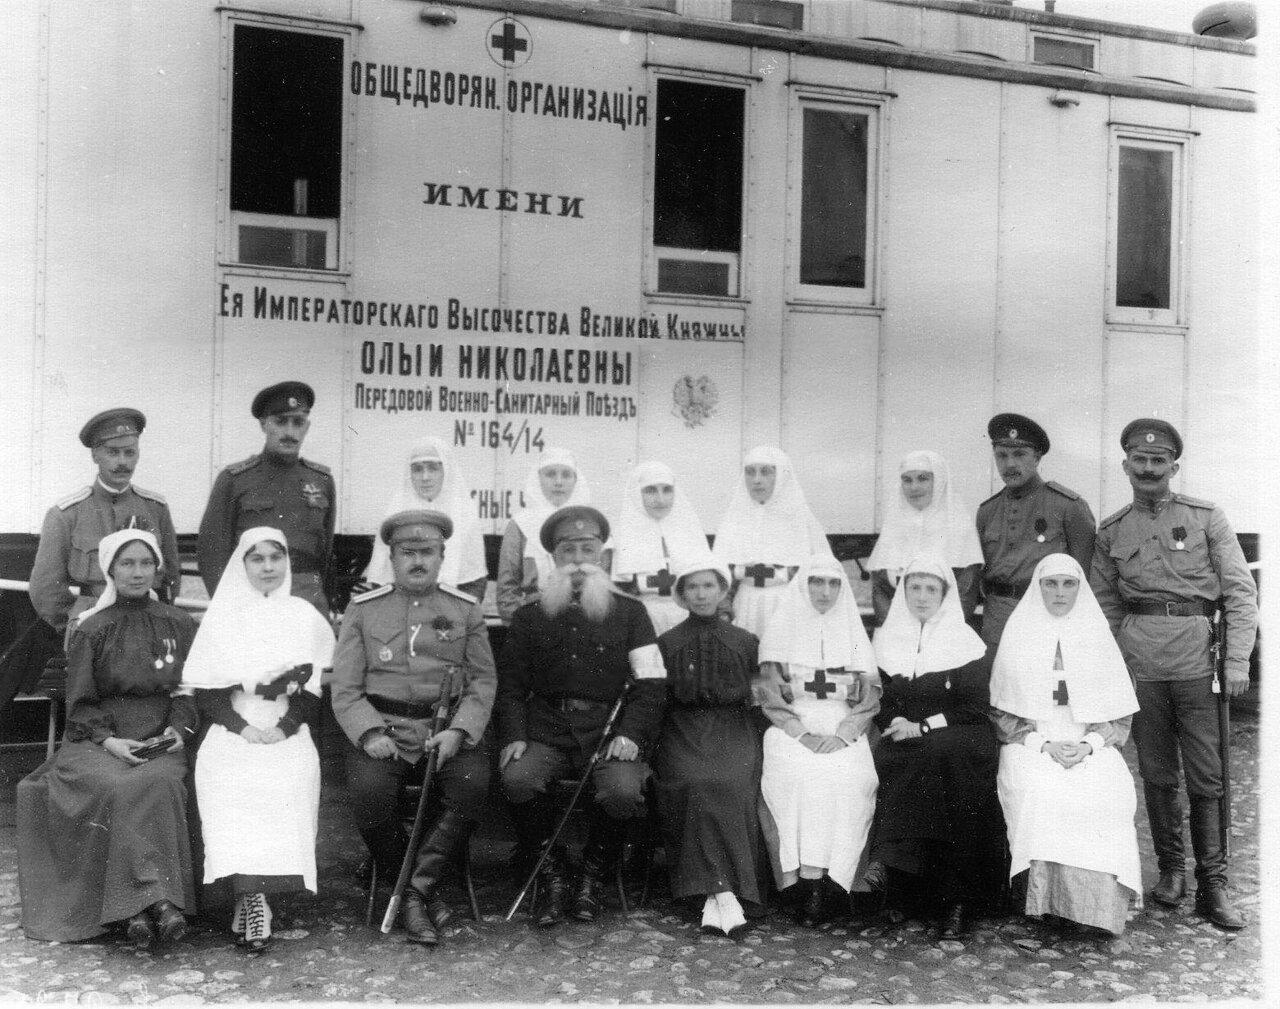 11. Группа медицинского персонала поезда